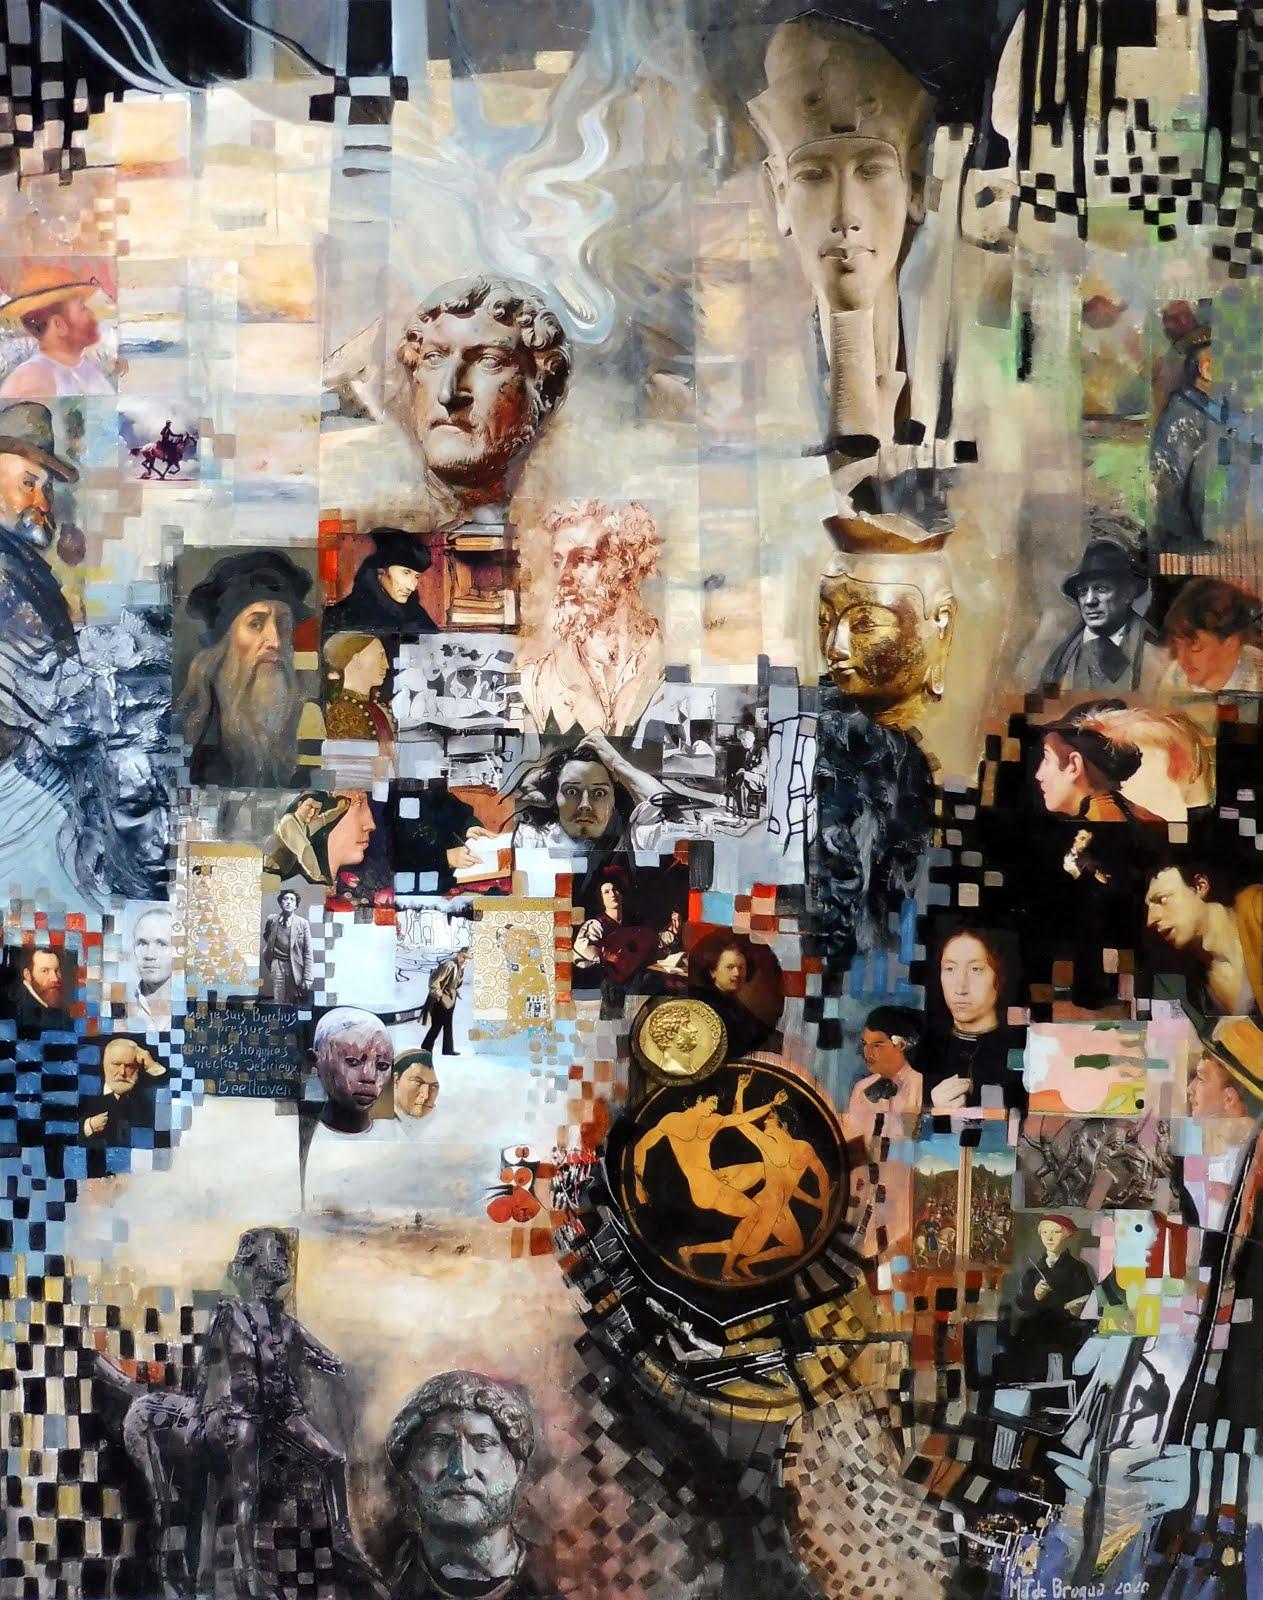 Histoires d'hommes - 73 x 92 cm - 2020